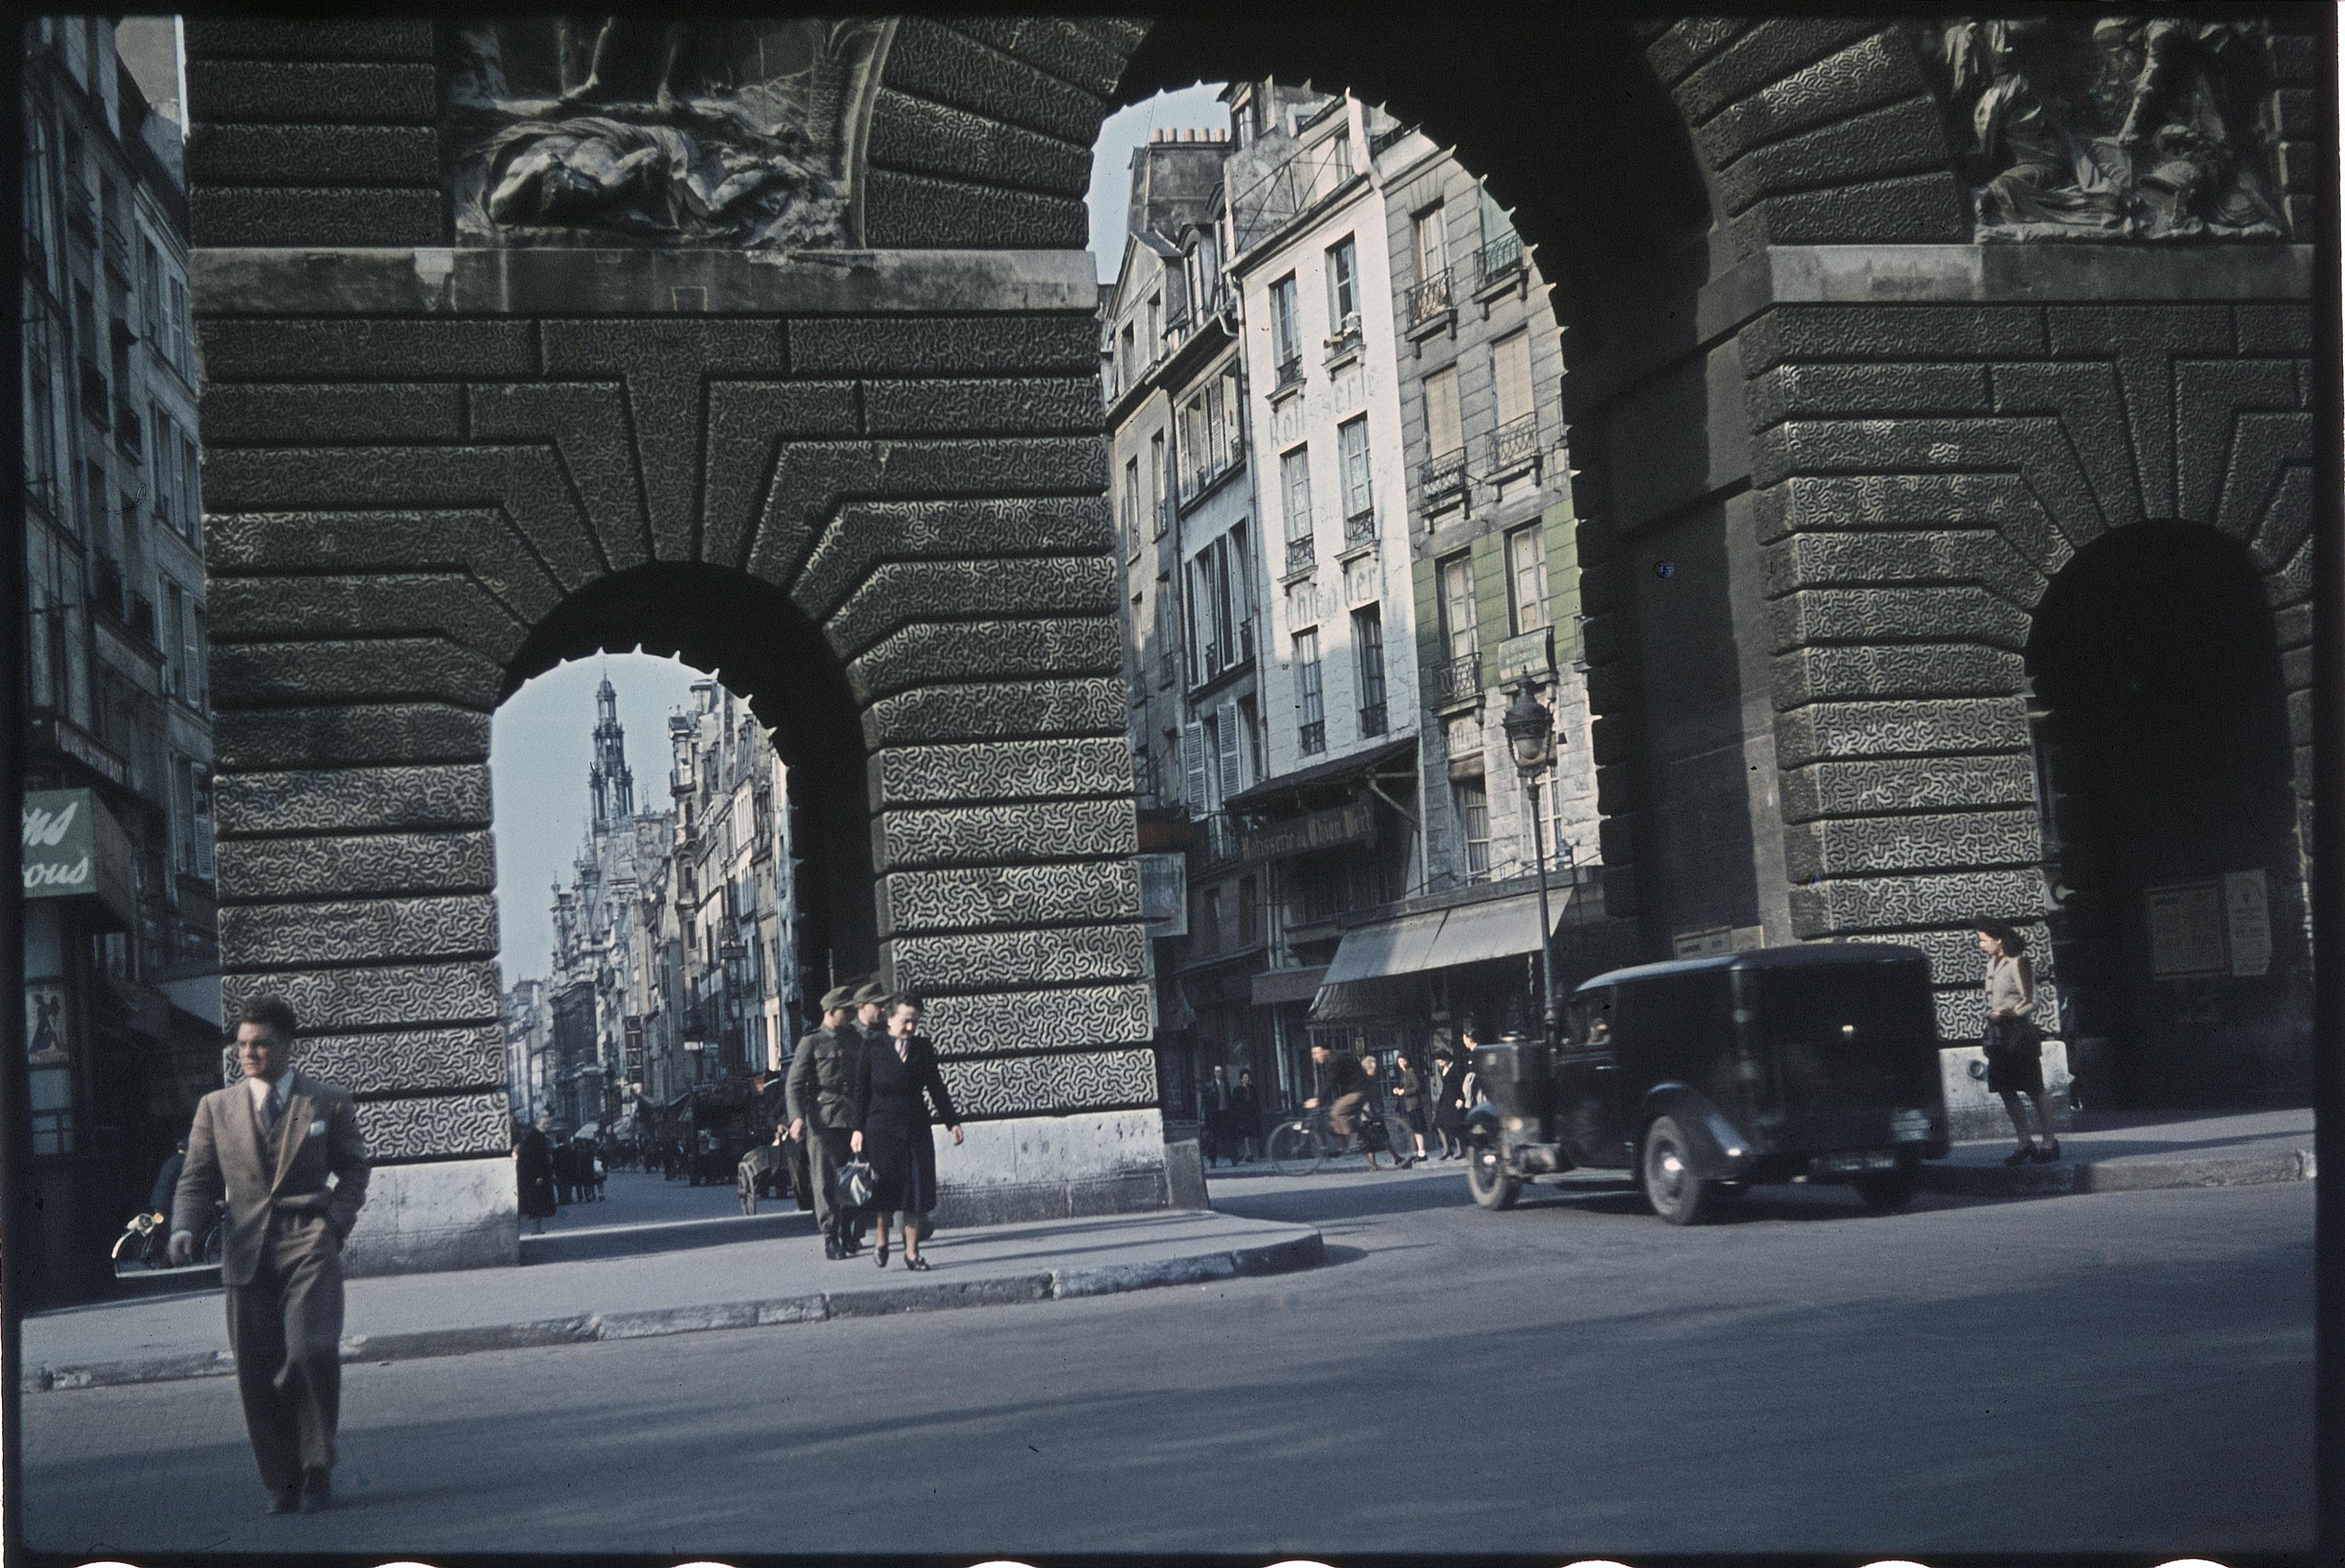 Ворота и бульвар Сен-Мартен